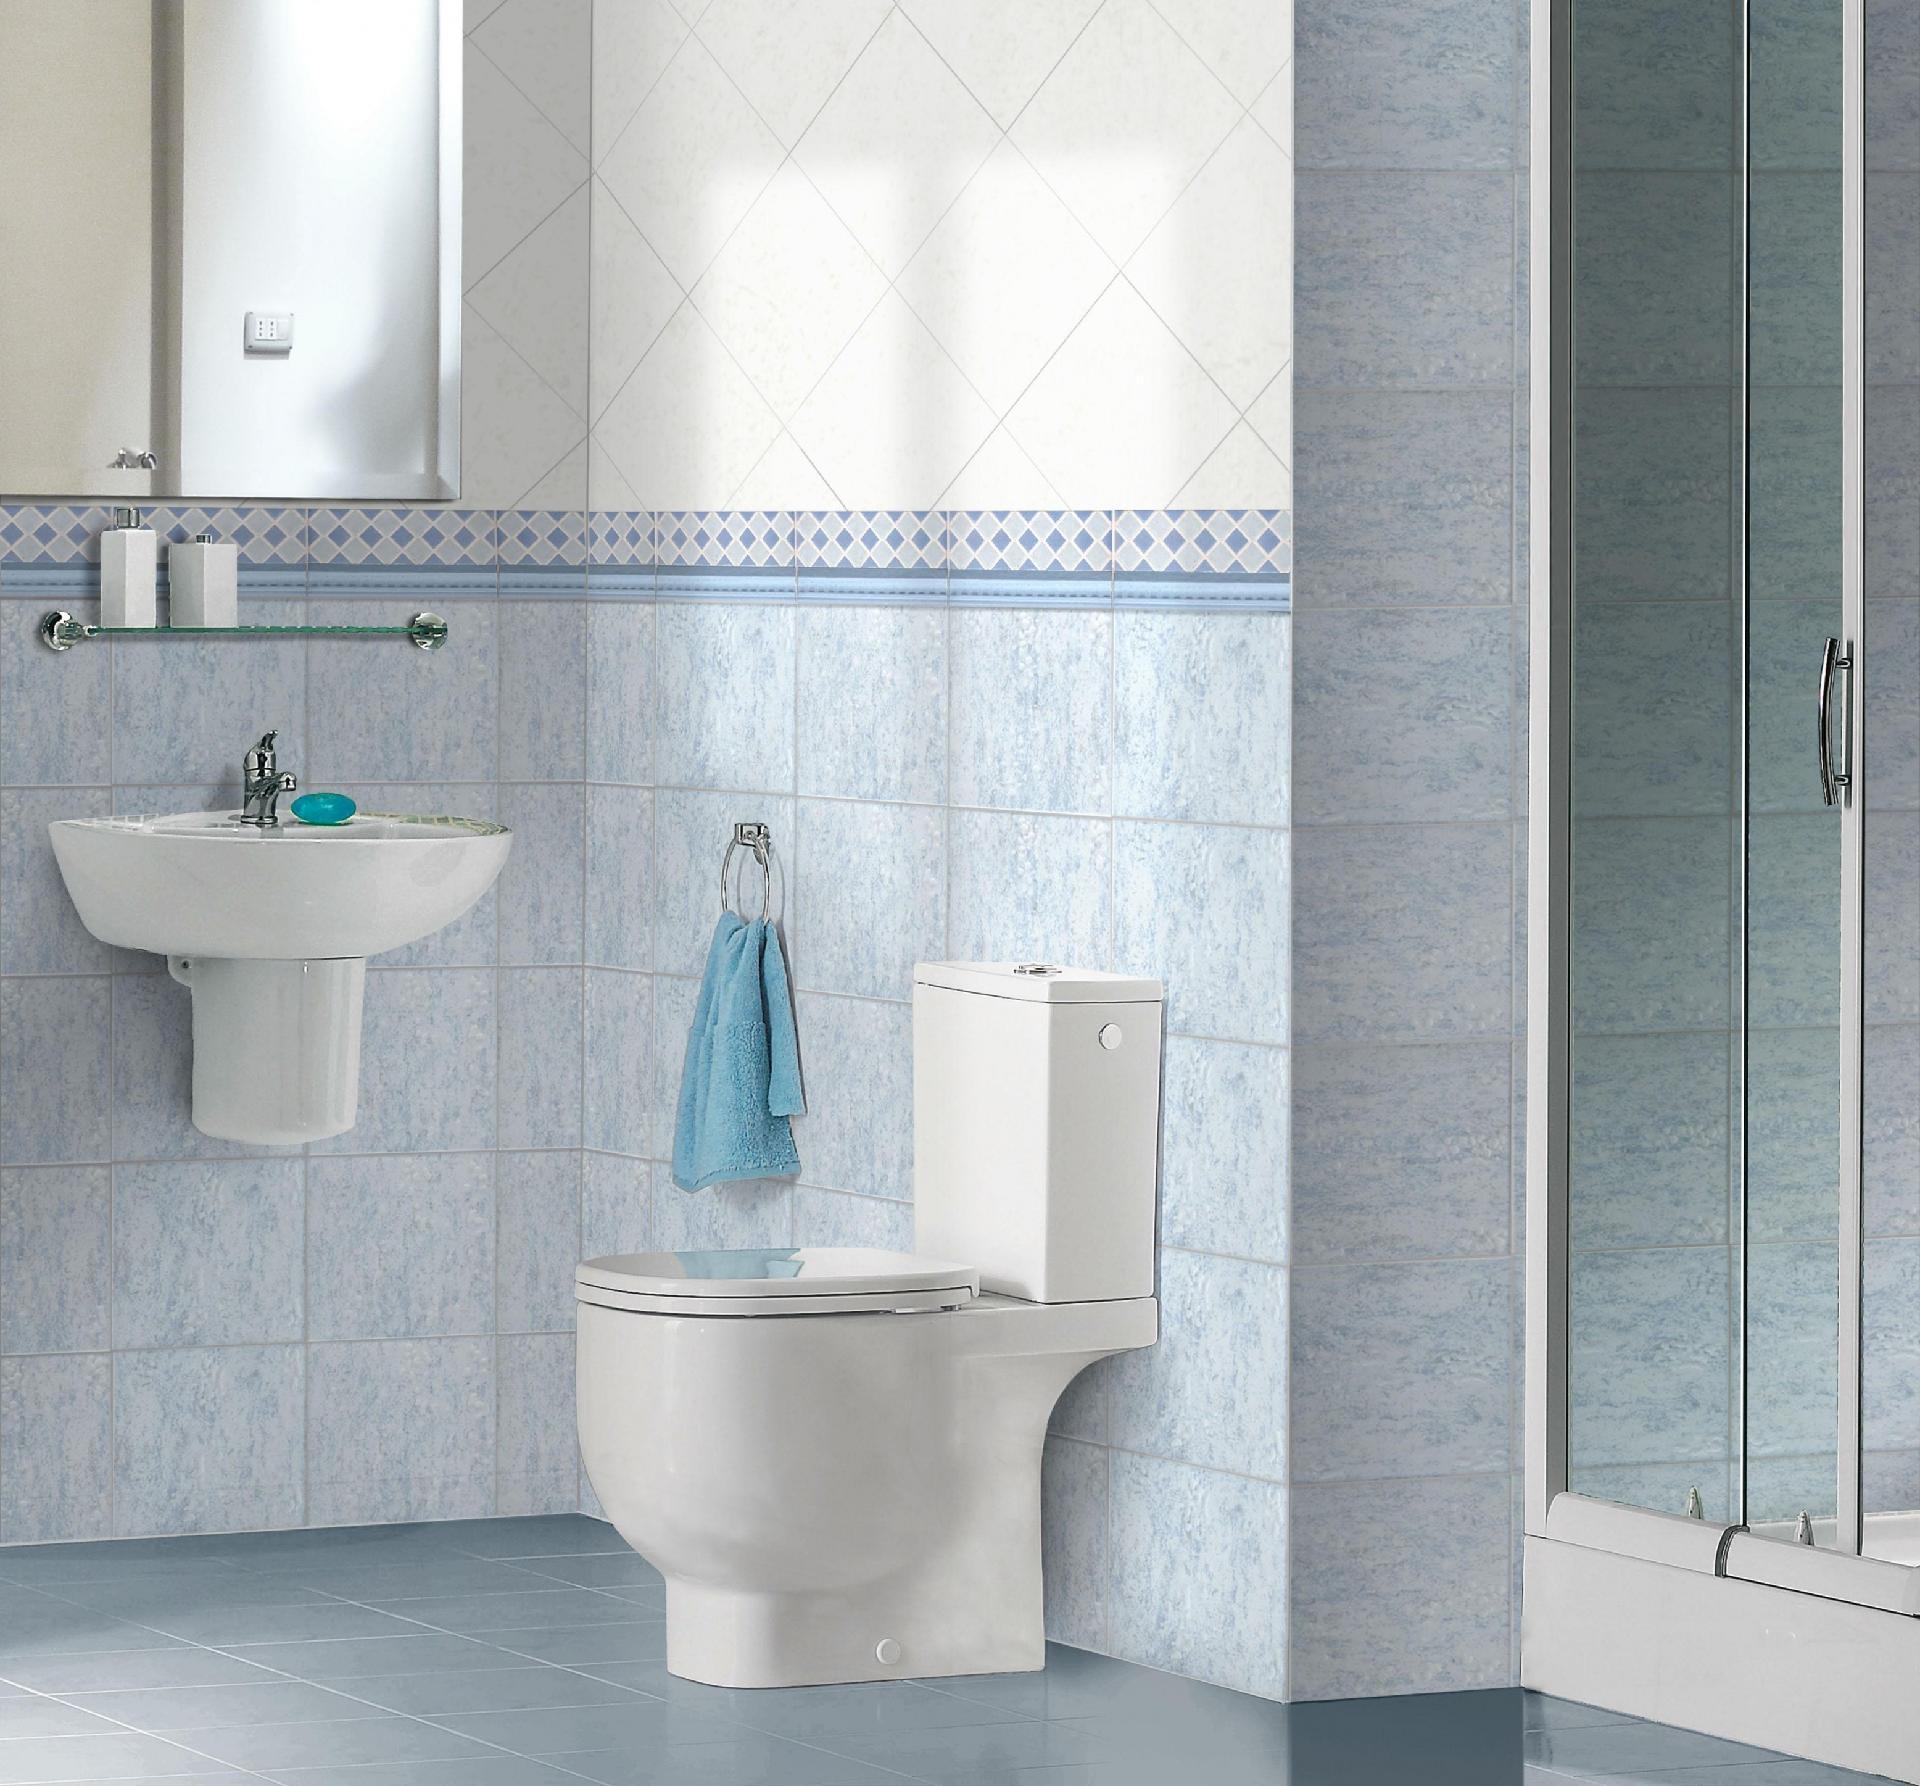 Offerta bagno completo euro catania - Piastrelle bagno catania ...